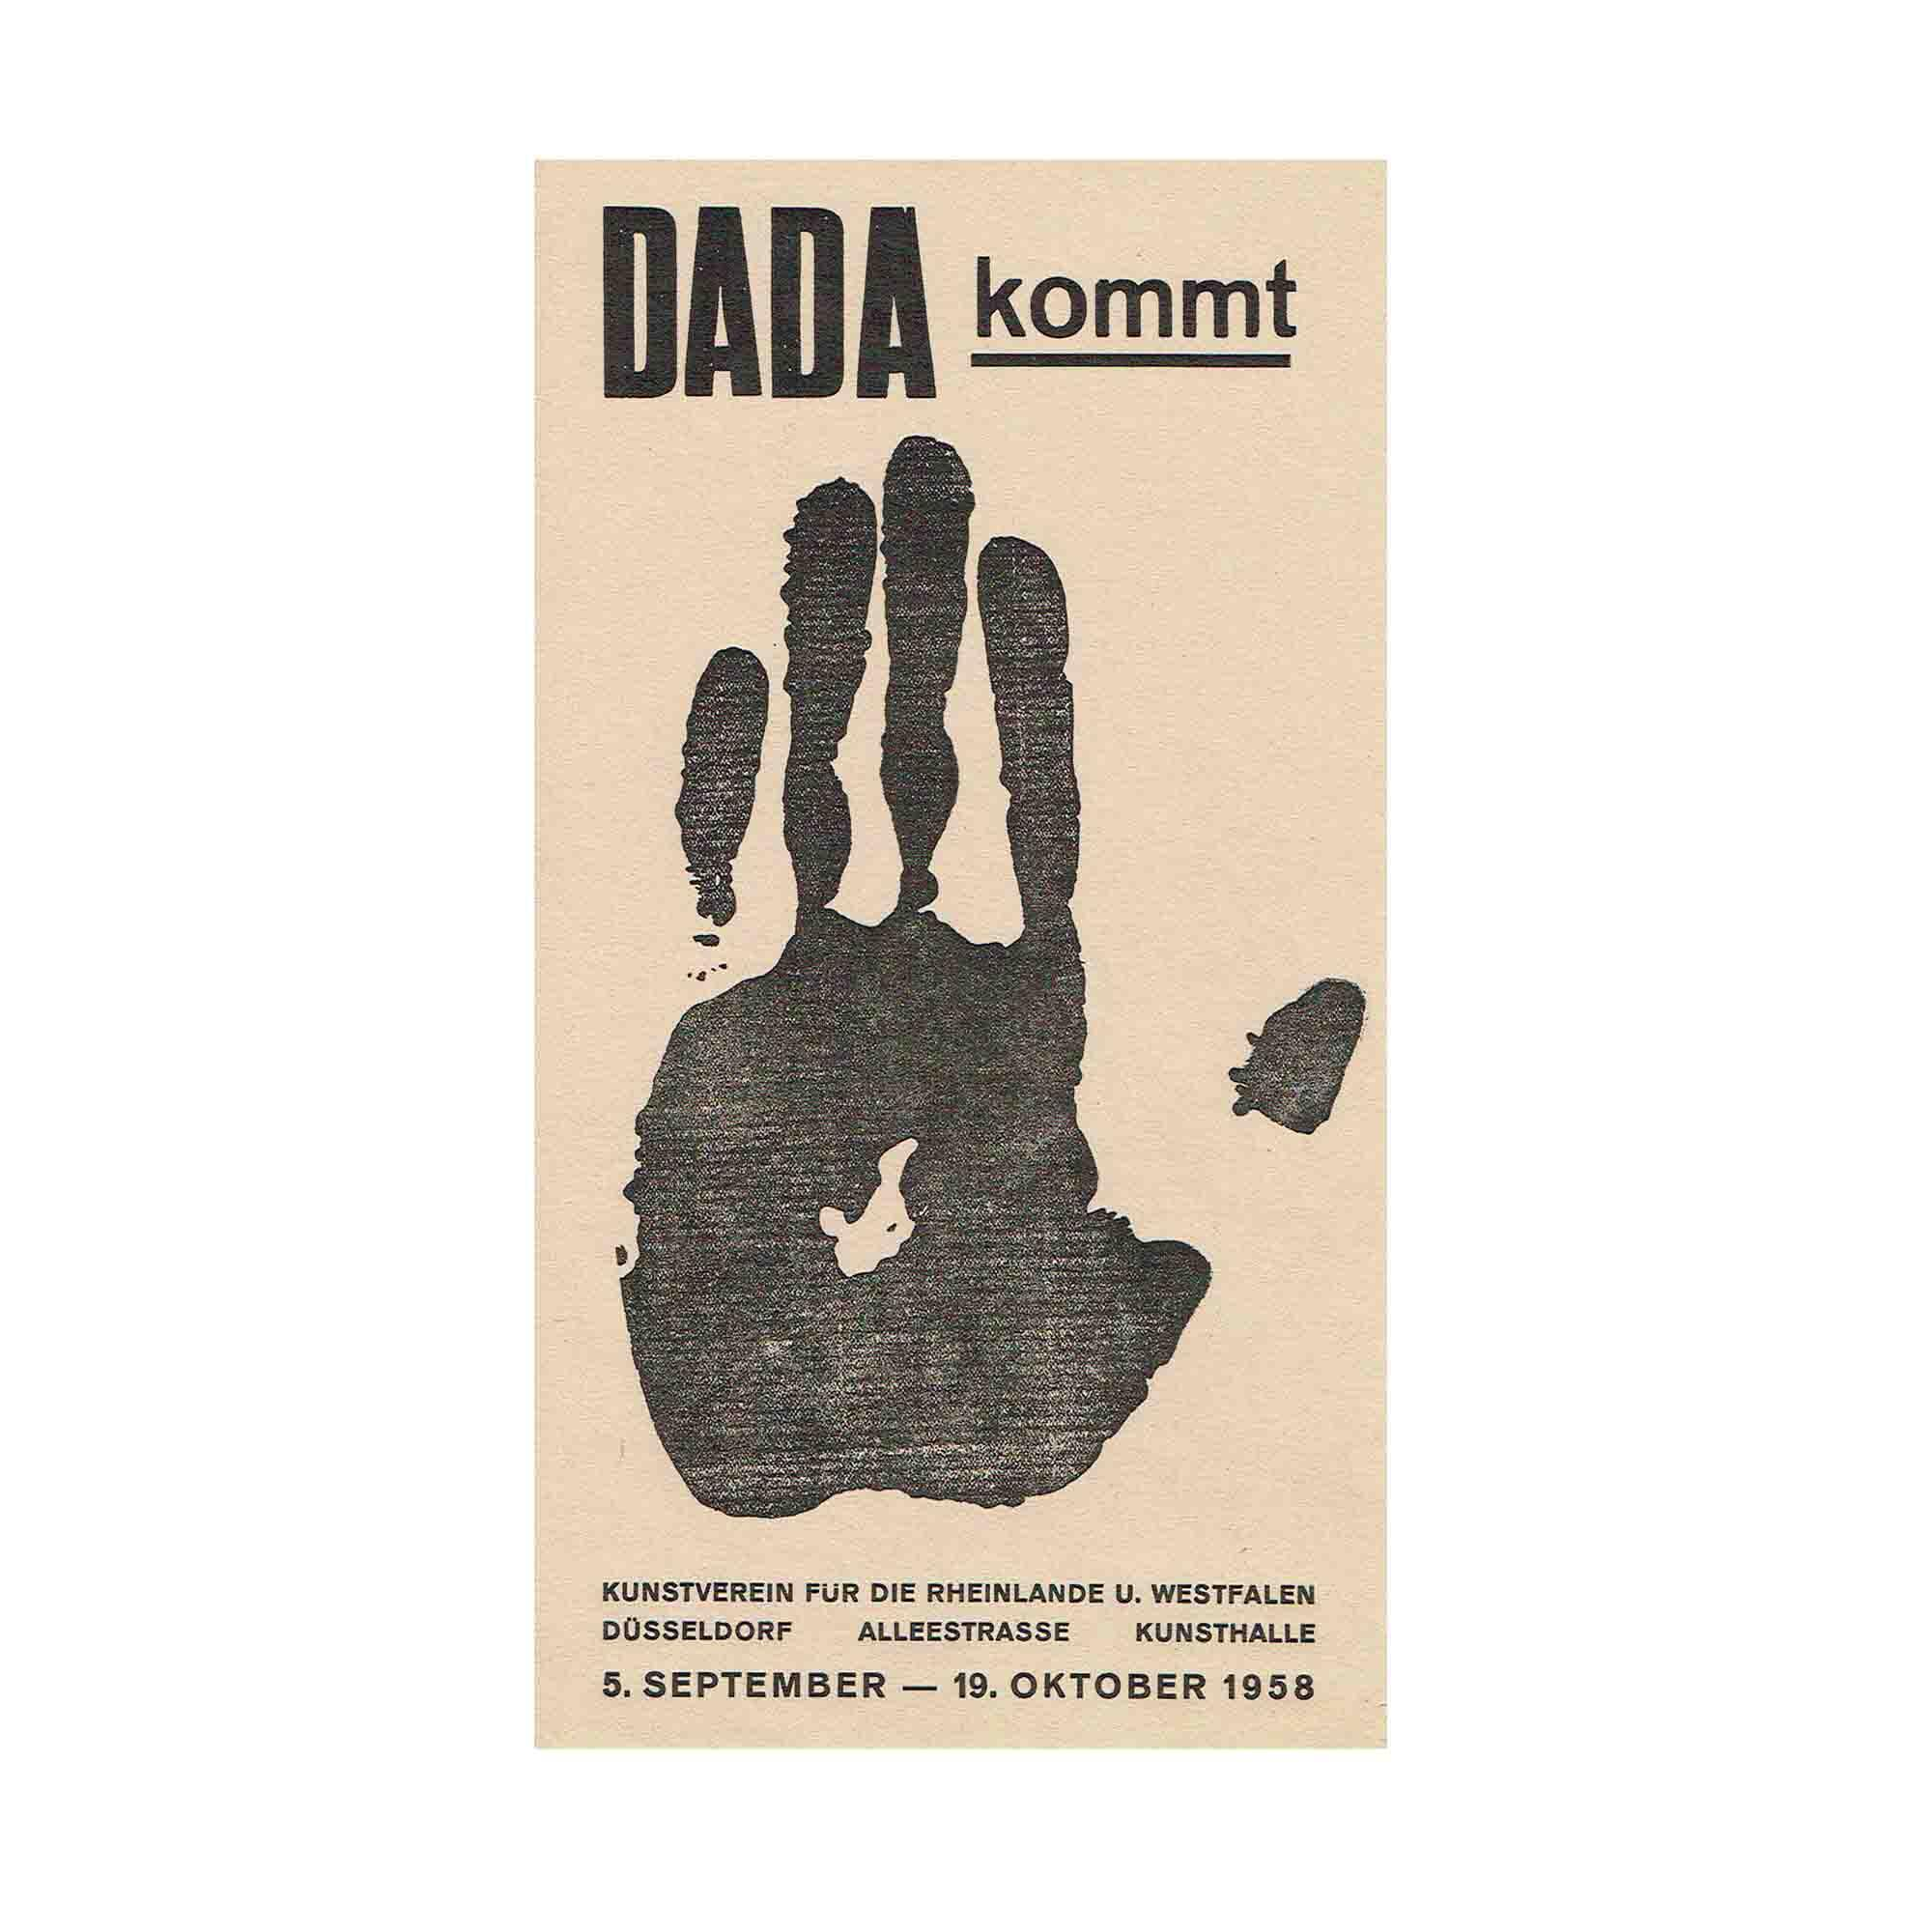 5188 Plakat Ausstellung Dada kommt 1958 lachsfarben N